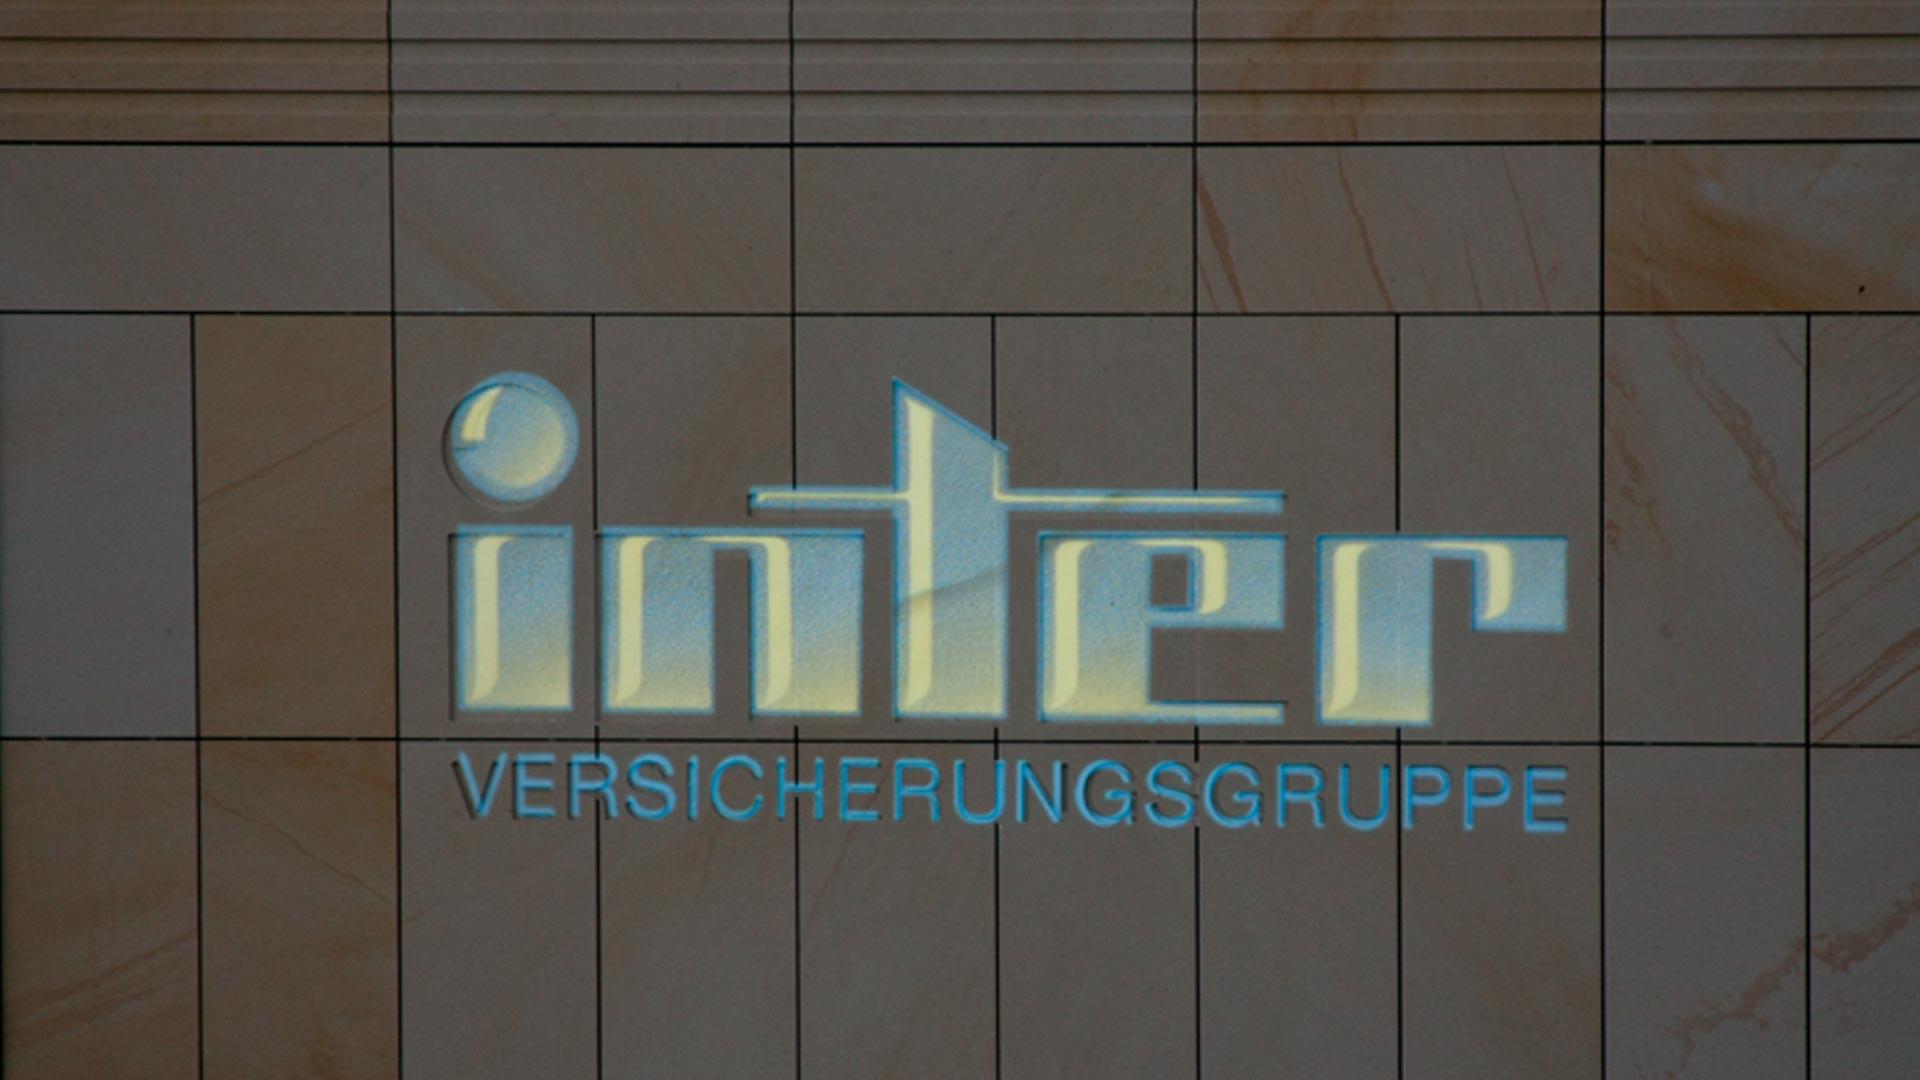 MAASS-Lichtplanung_Fassadenprojektion__MAASS-Inter-Versicherung-001